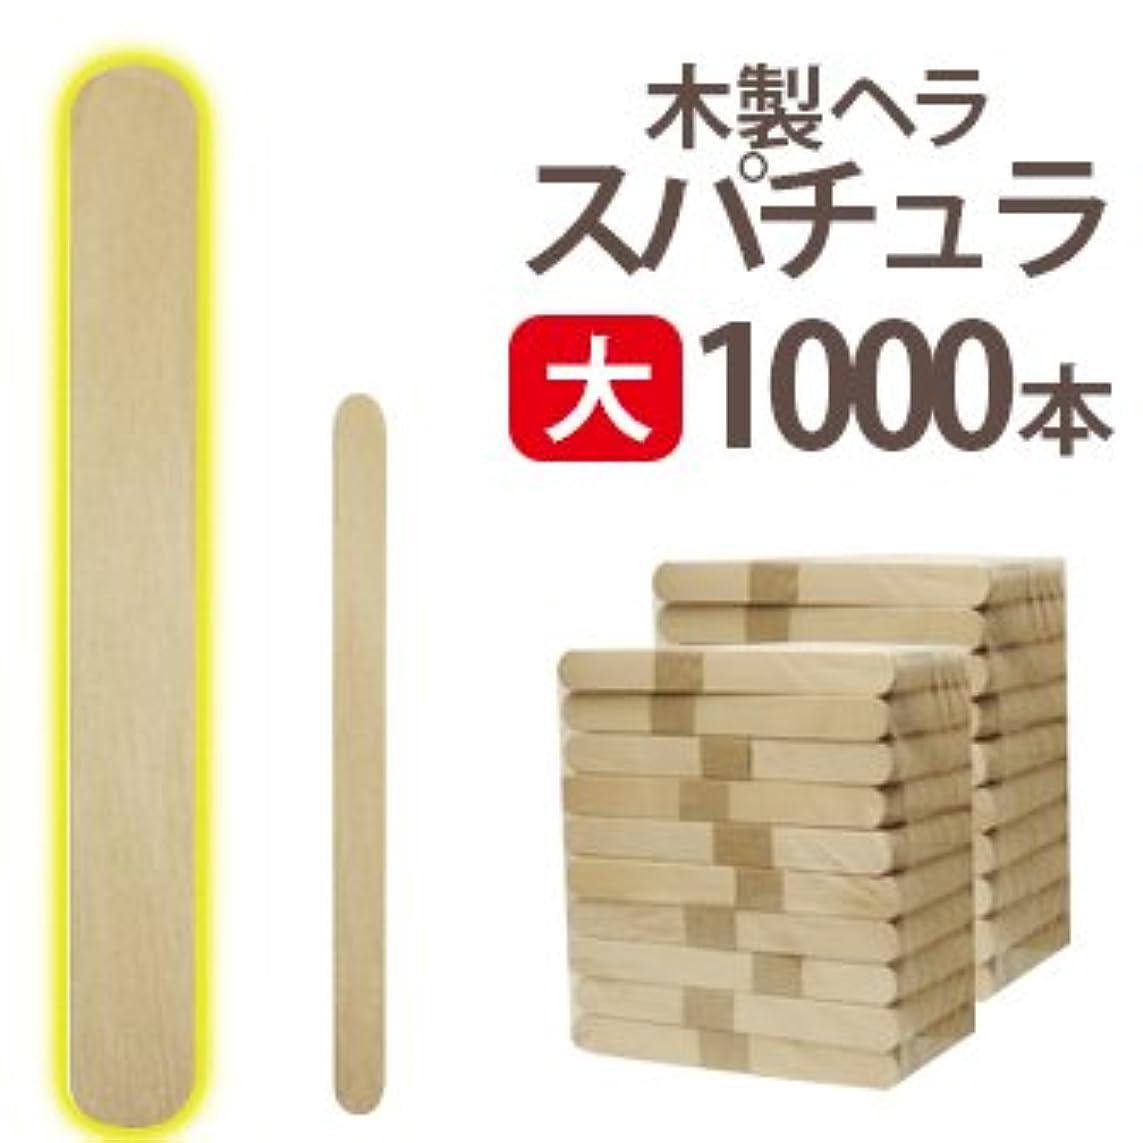 哀機動カード大 ブラジリアンワックス 業務用1000本 スパチュラ Aタイプ(個別梱包なし 150×16)